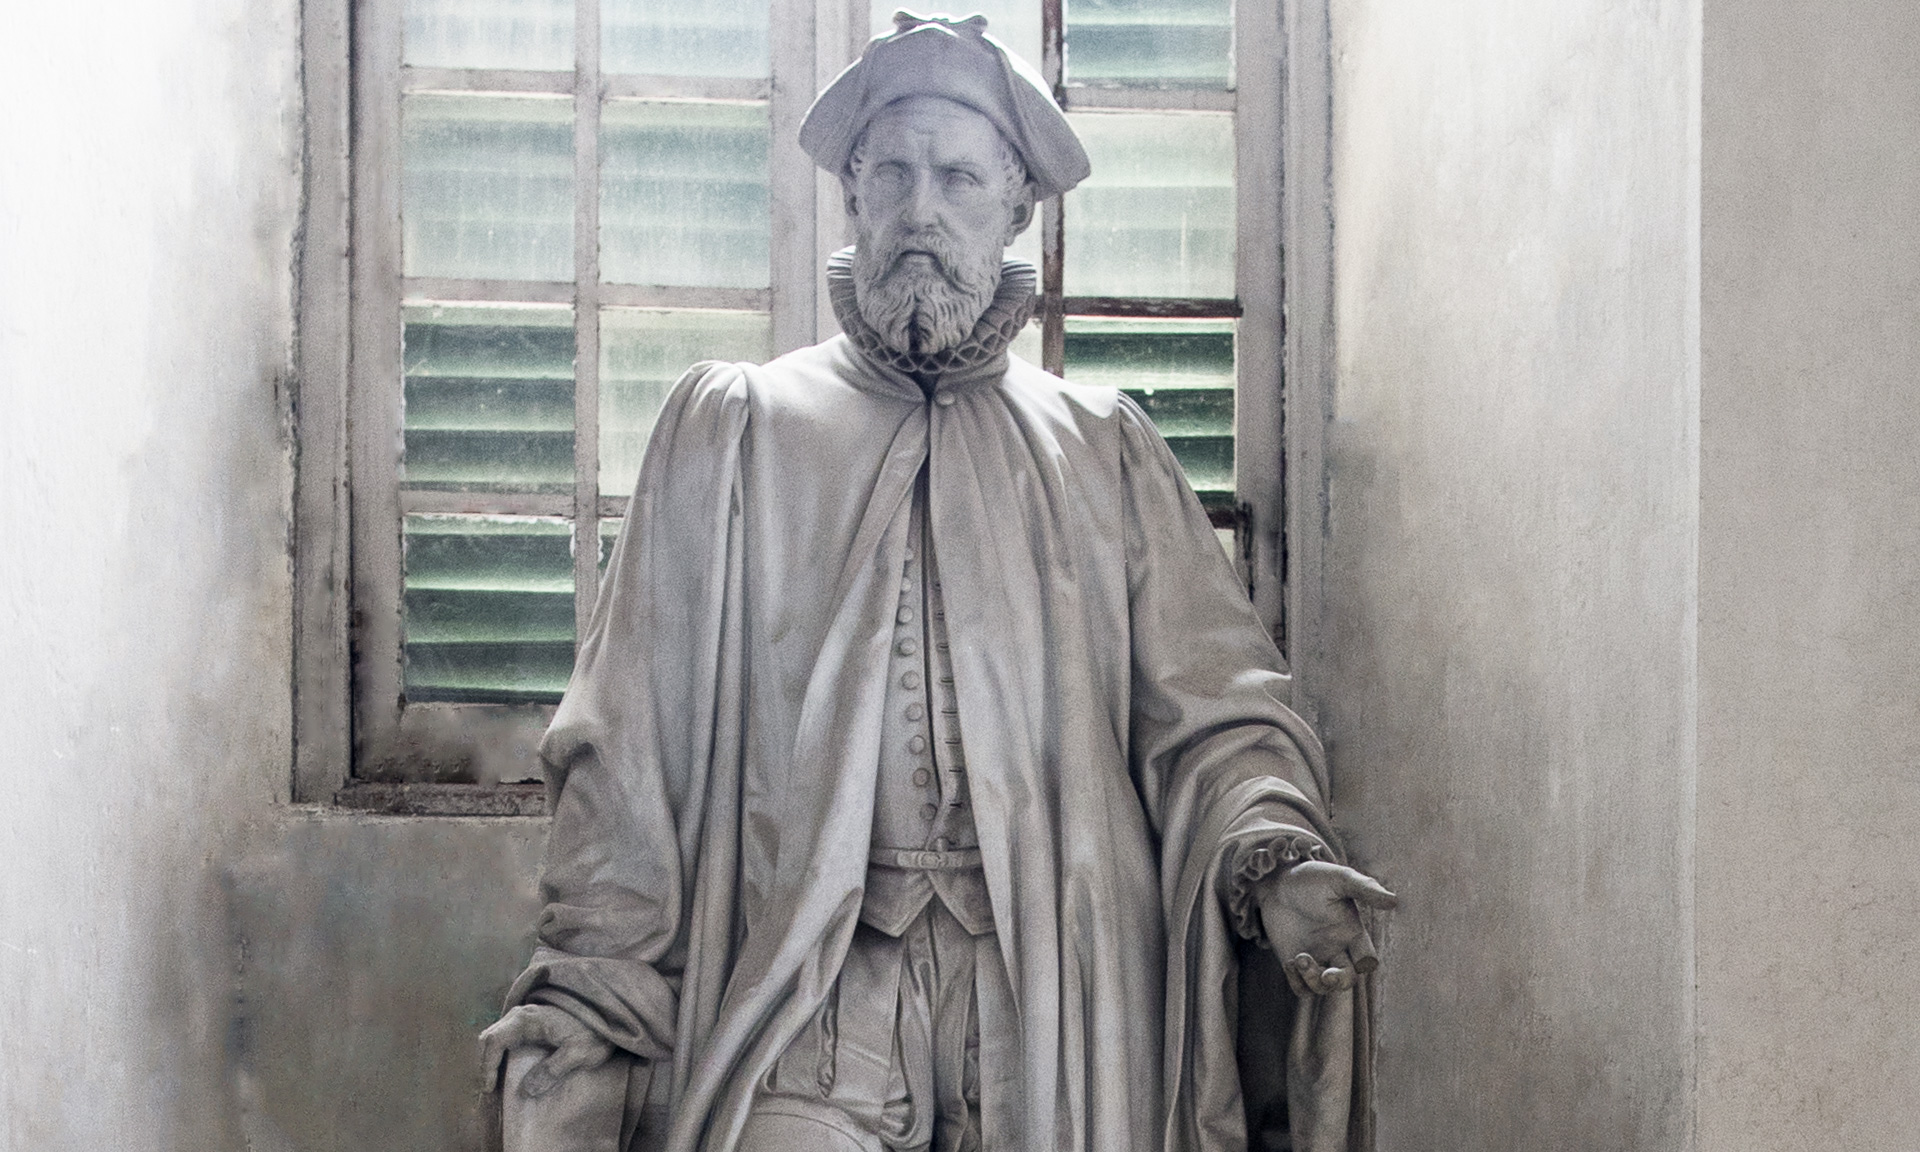 statue_petro-gentili-oberti-filio_01 - Albergo dei Poveri Genova